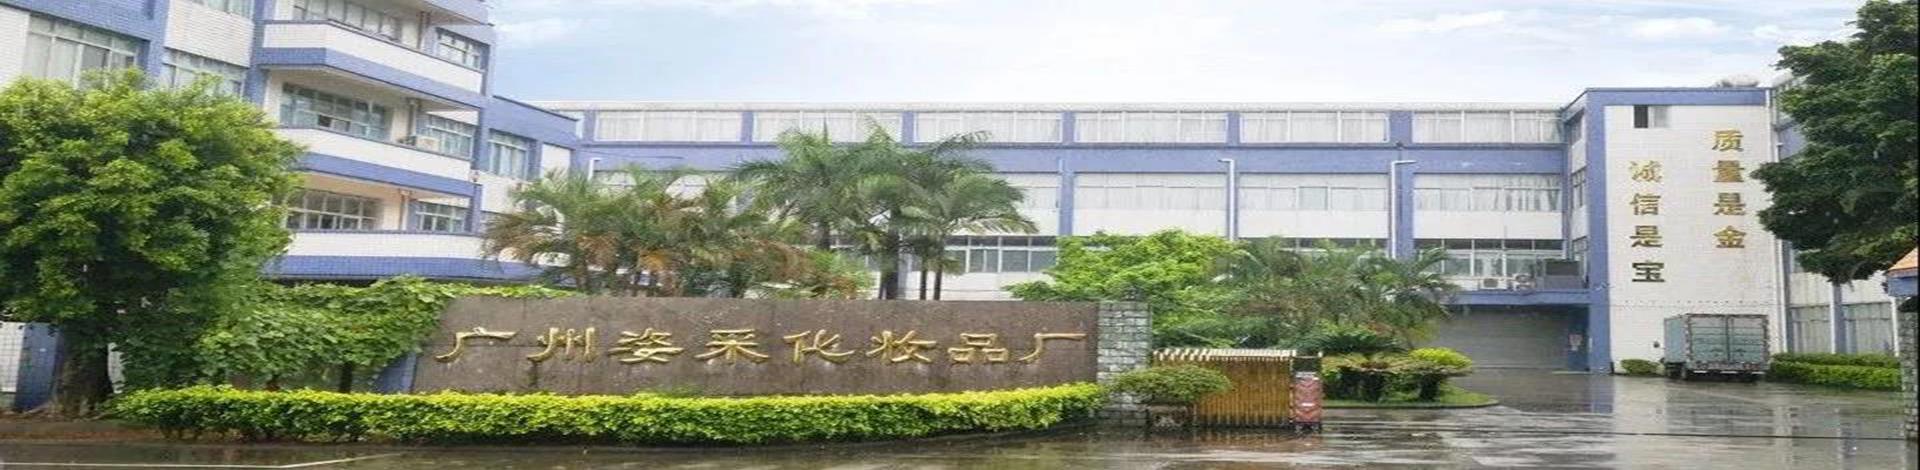 广州姿采化妆品厂